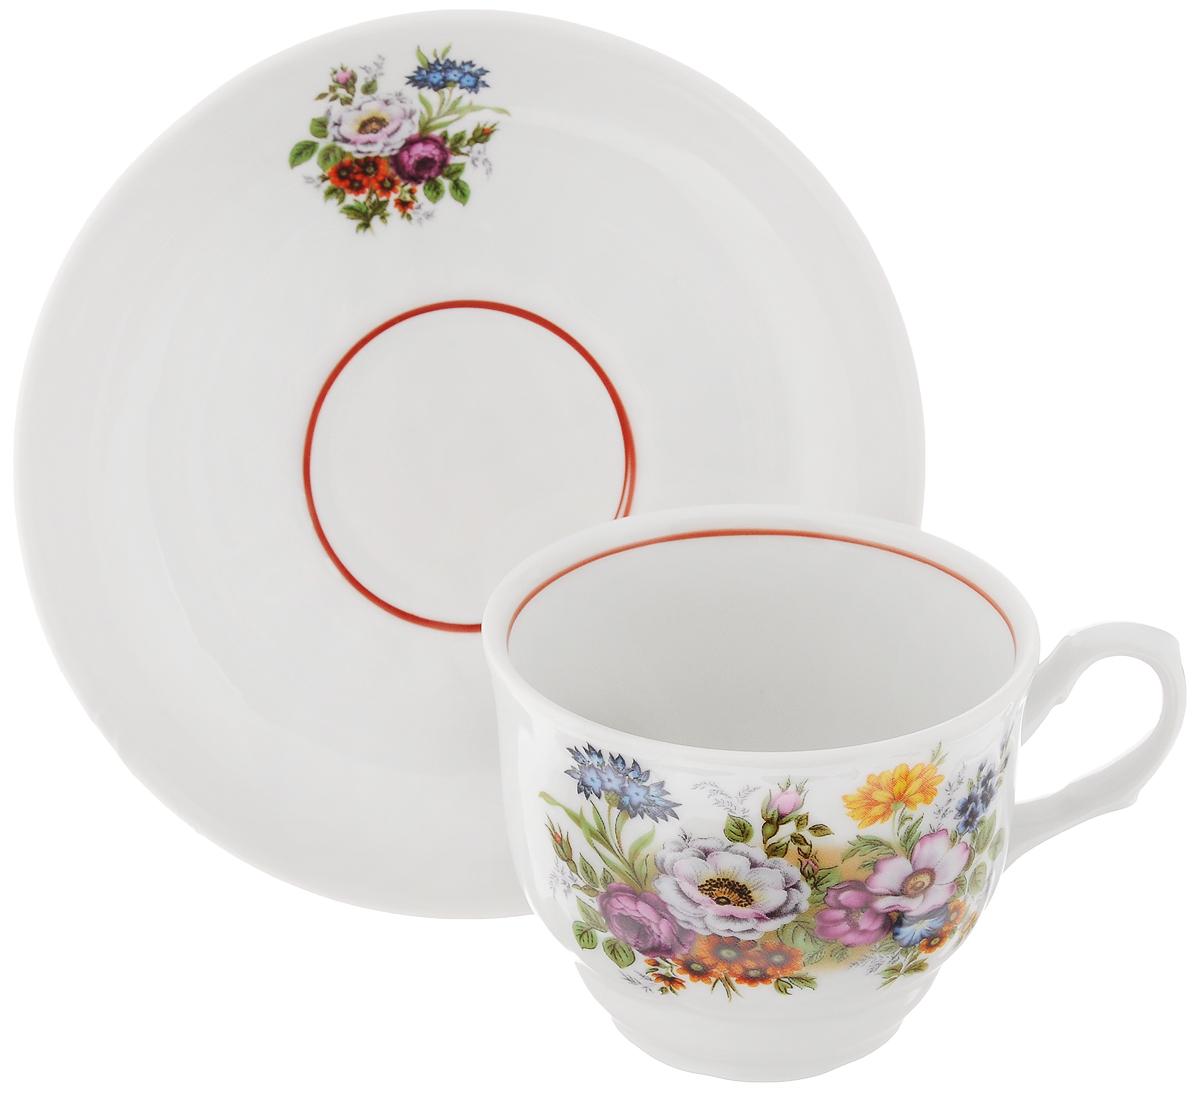 Чайная пара Тюльпан. Букет цветов, 2 предмета507777Чайная пара Тюльпан. Букет цветов состоит из чашки и блюдца, изготовленных из высококачественного фарфора. Яркий дизайн изделий, несомненно, придется вам по вкусу. Чайная пара Тюльпан. Букет цветов украсит ваш кухонный стол, а также станет замечательным подарком к любому празднику. Диаметр чашки (по верхнему краю): 8,5 см. Высота чашки: 7 см. Диаметр блюдца (по верхнему краю): 15 см. Высота блюдца: 3 см.